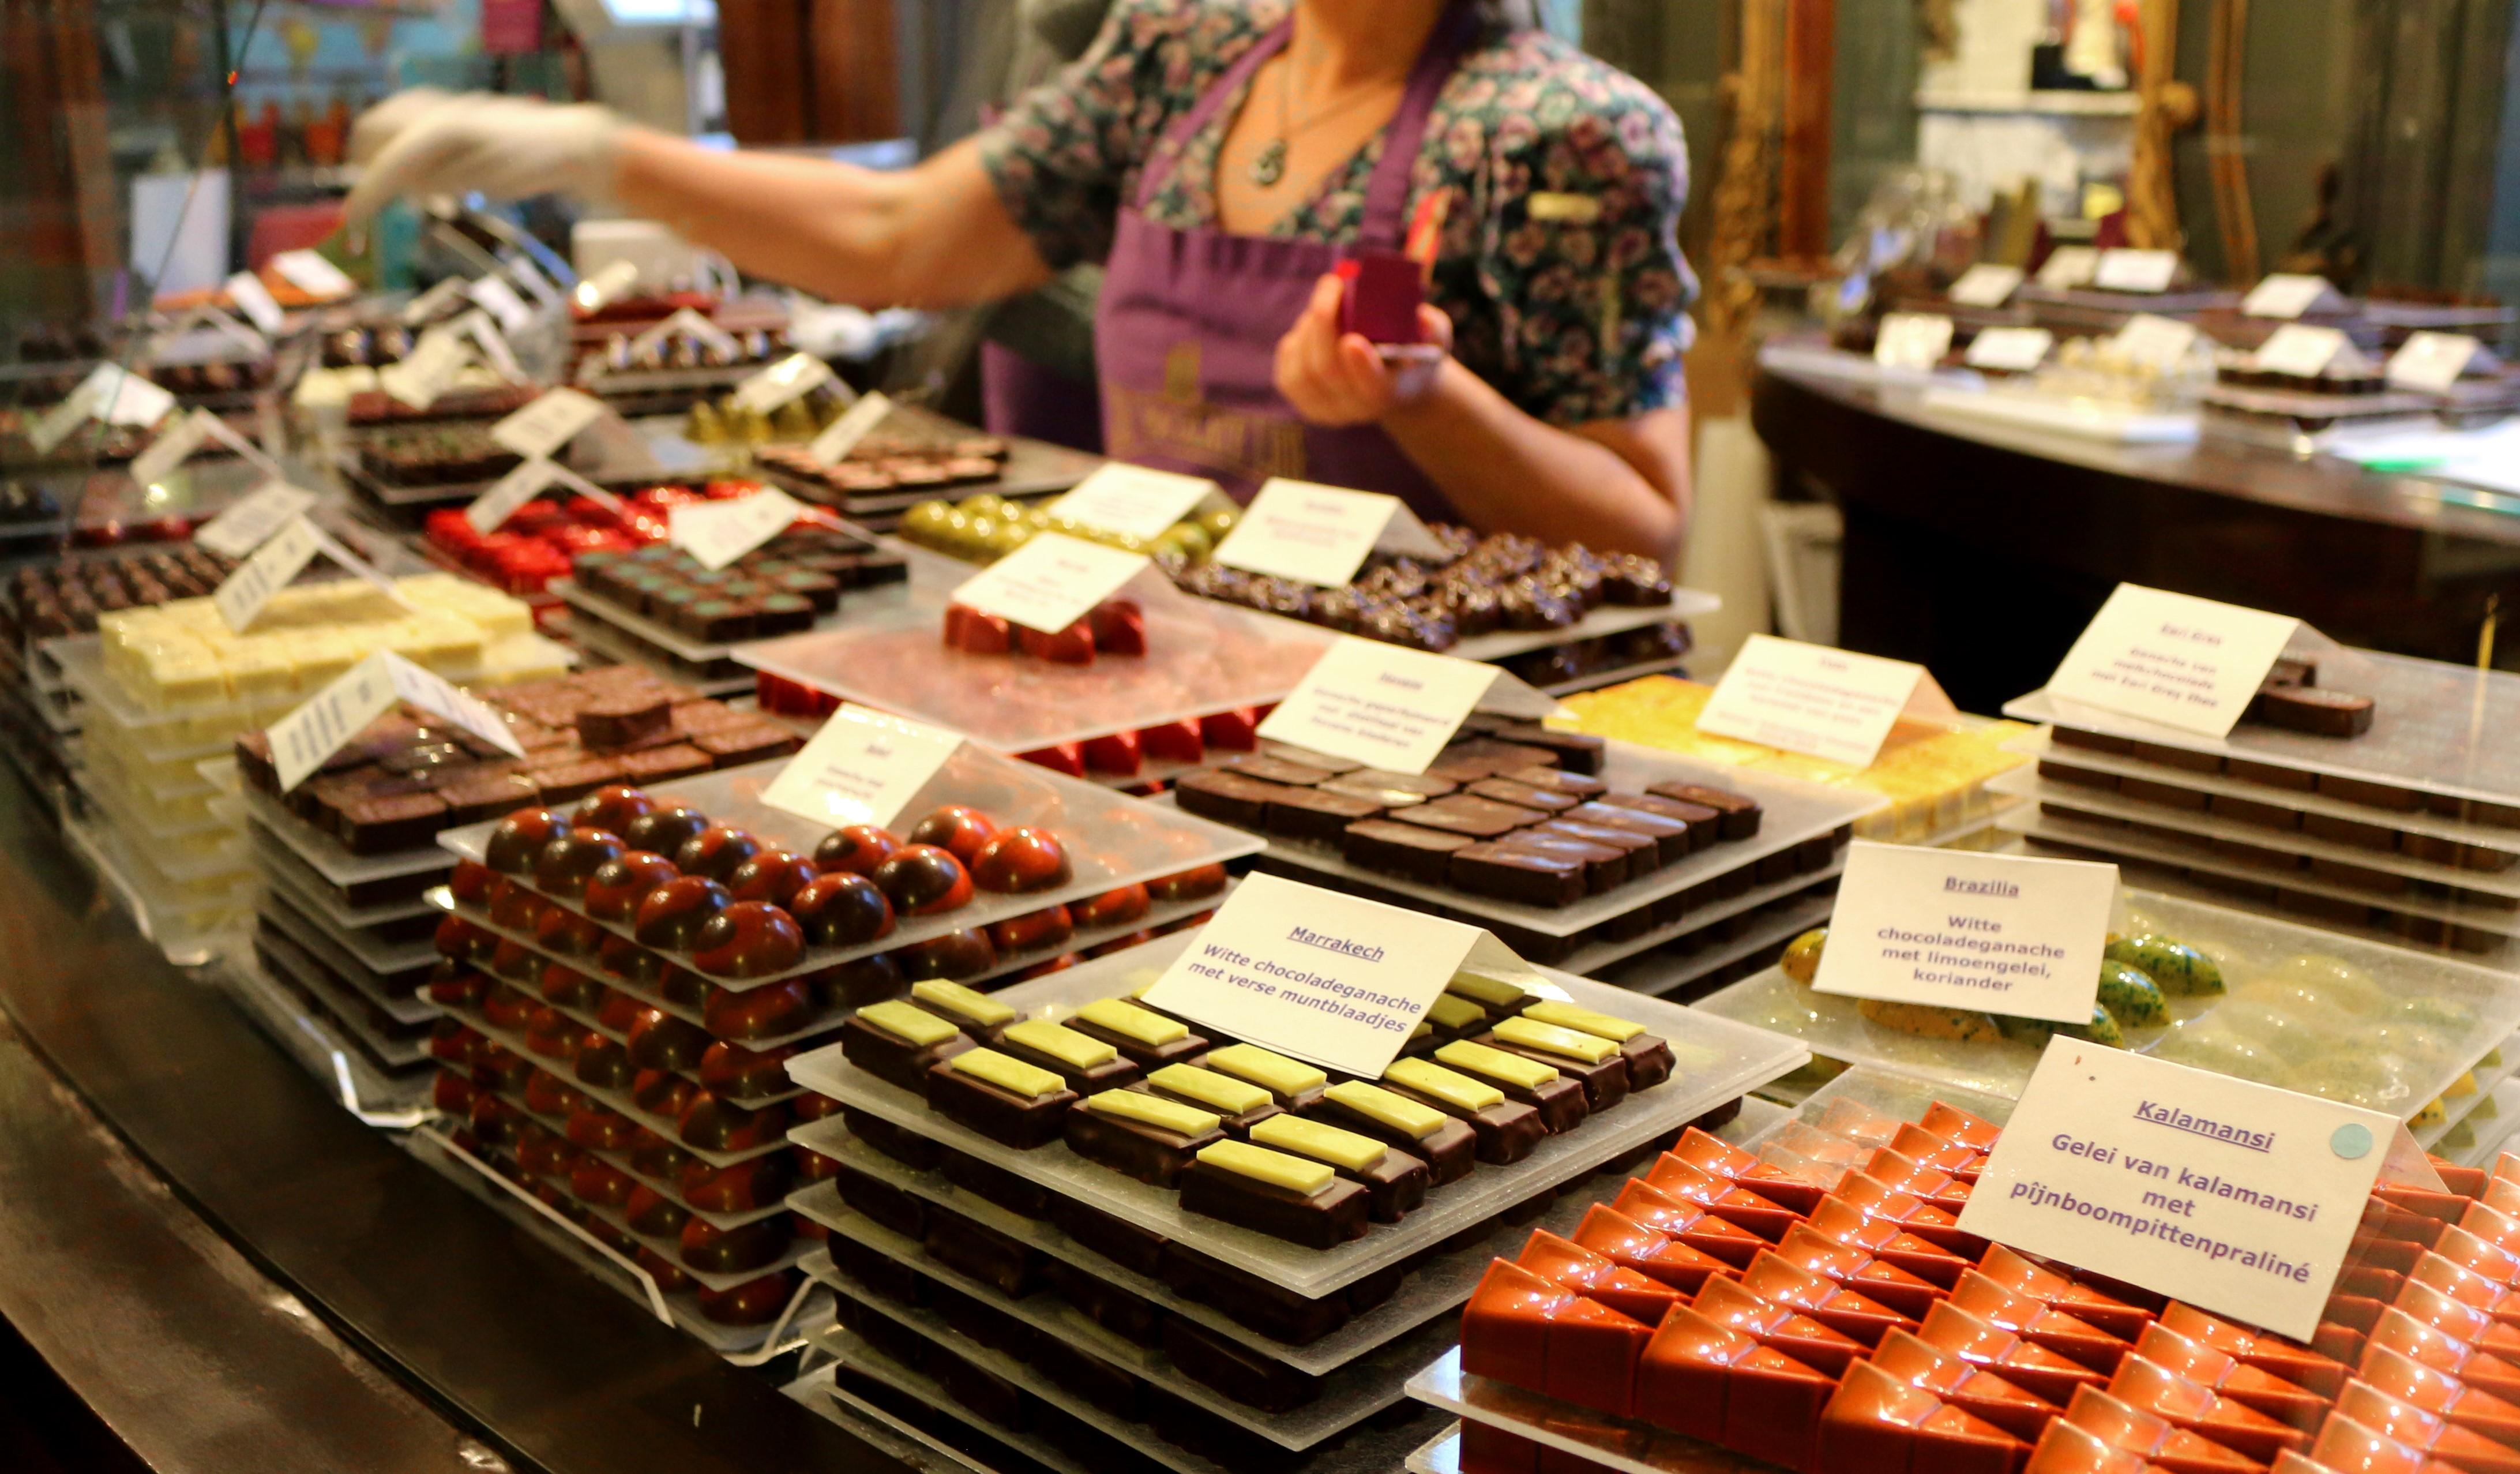 Schokolage in Atwerpen: Belgien ist ein Paradies